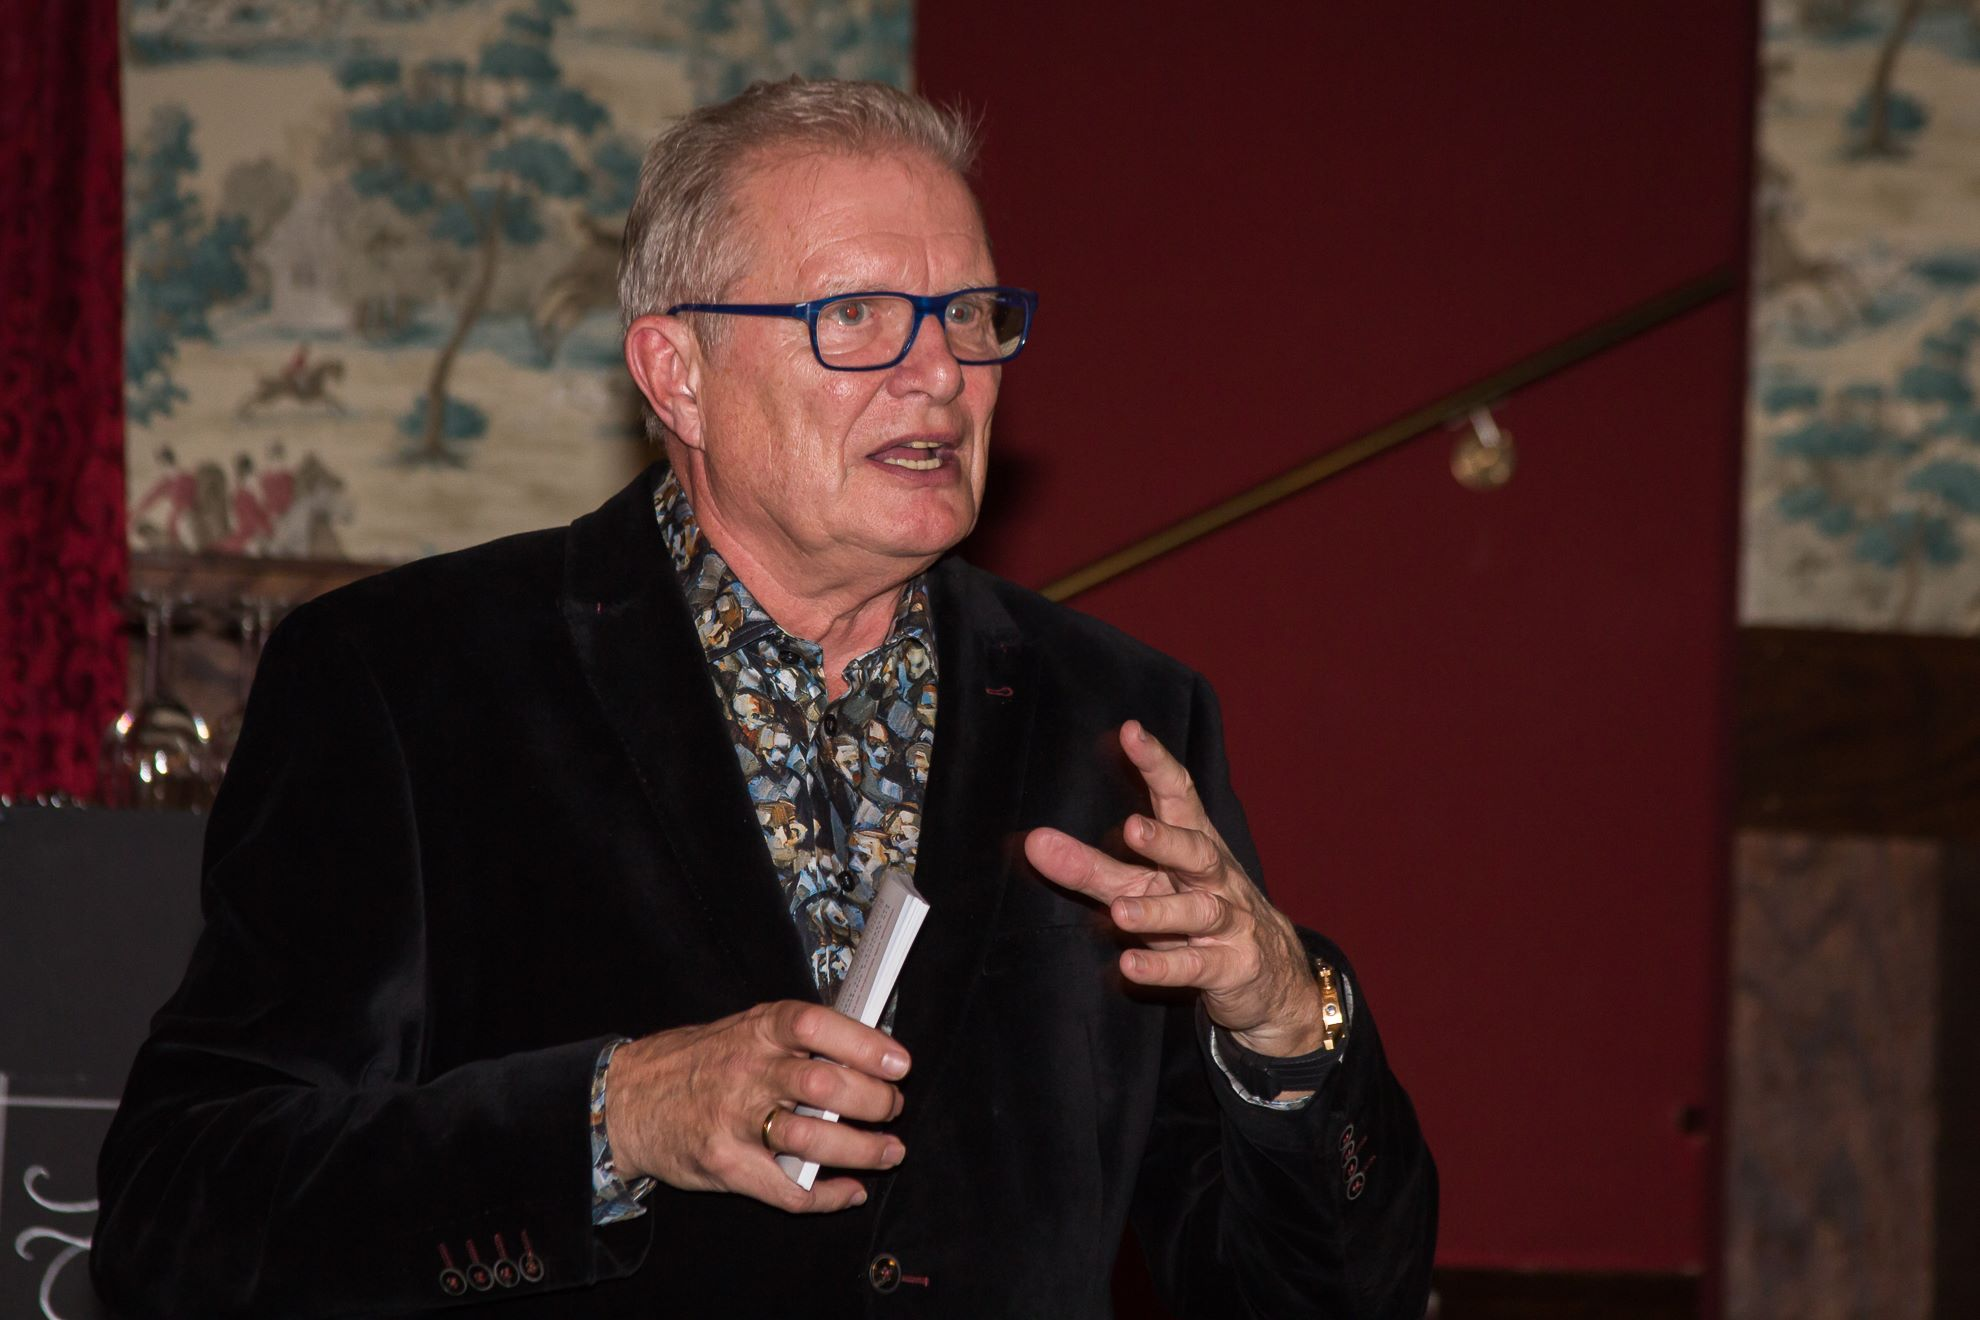 Peter Vikanis